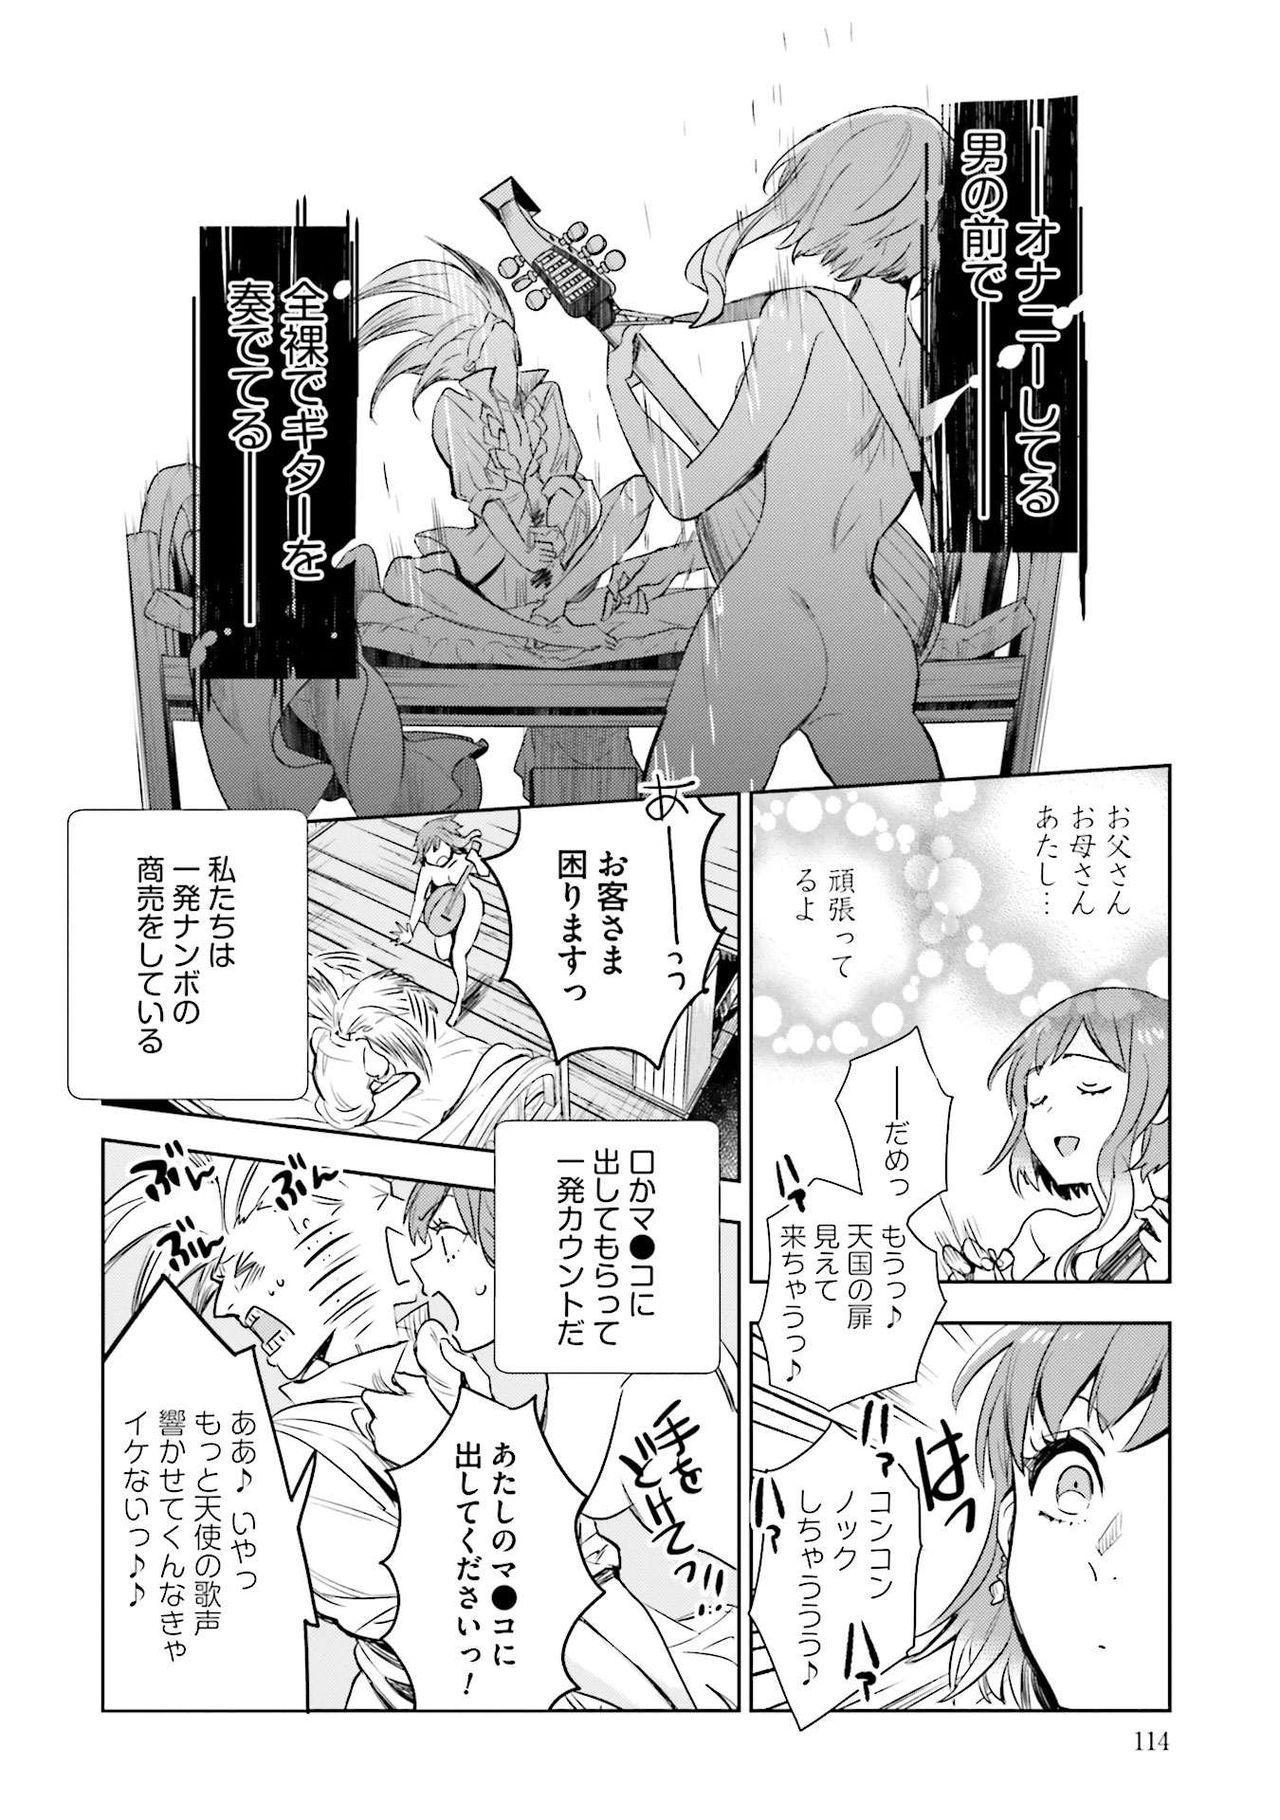 JK Haru wa Isekai de Shoufu ni Natta 1-14 115